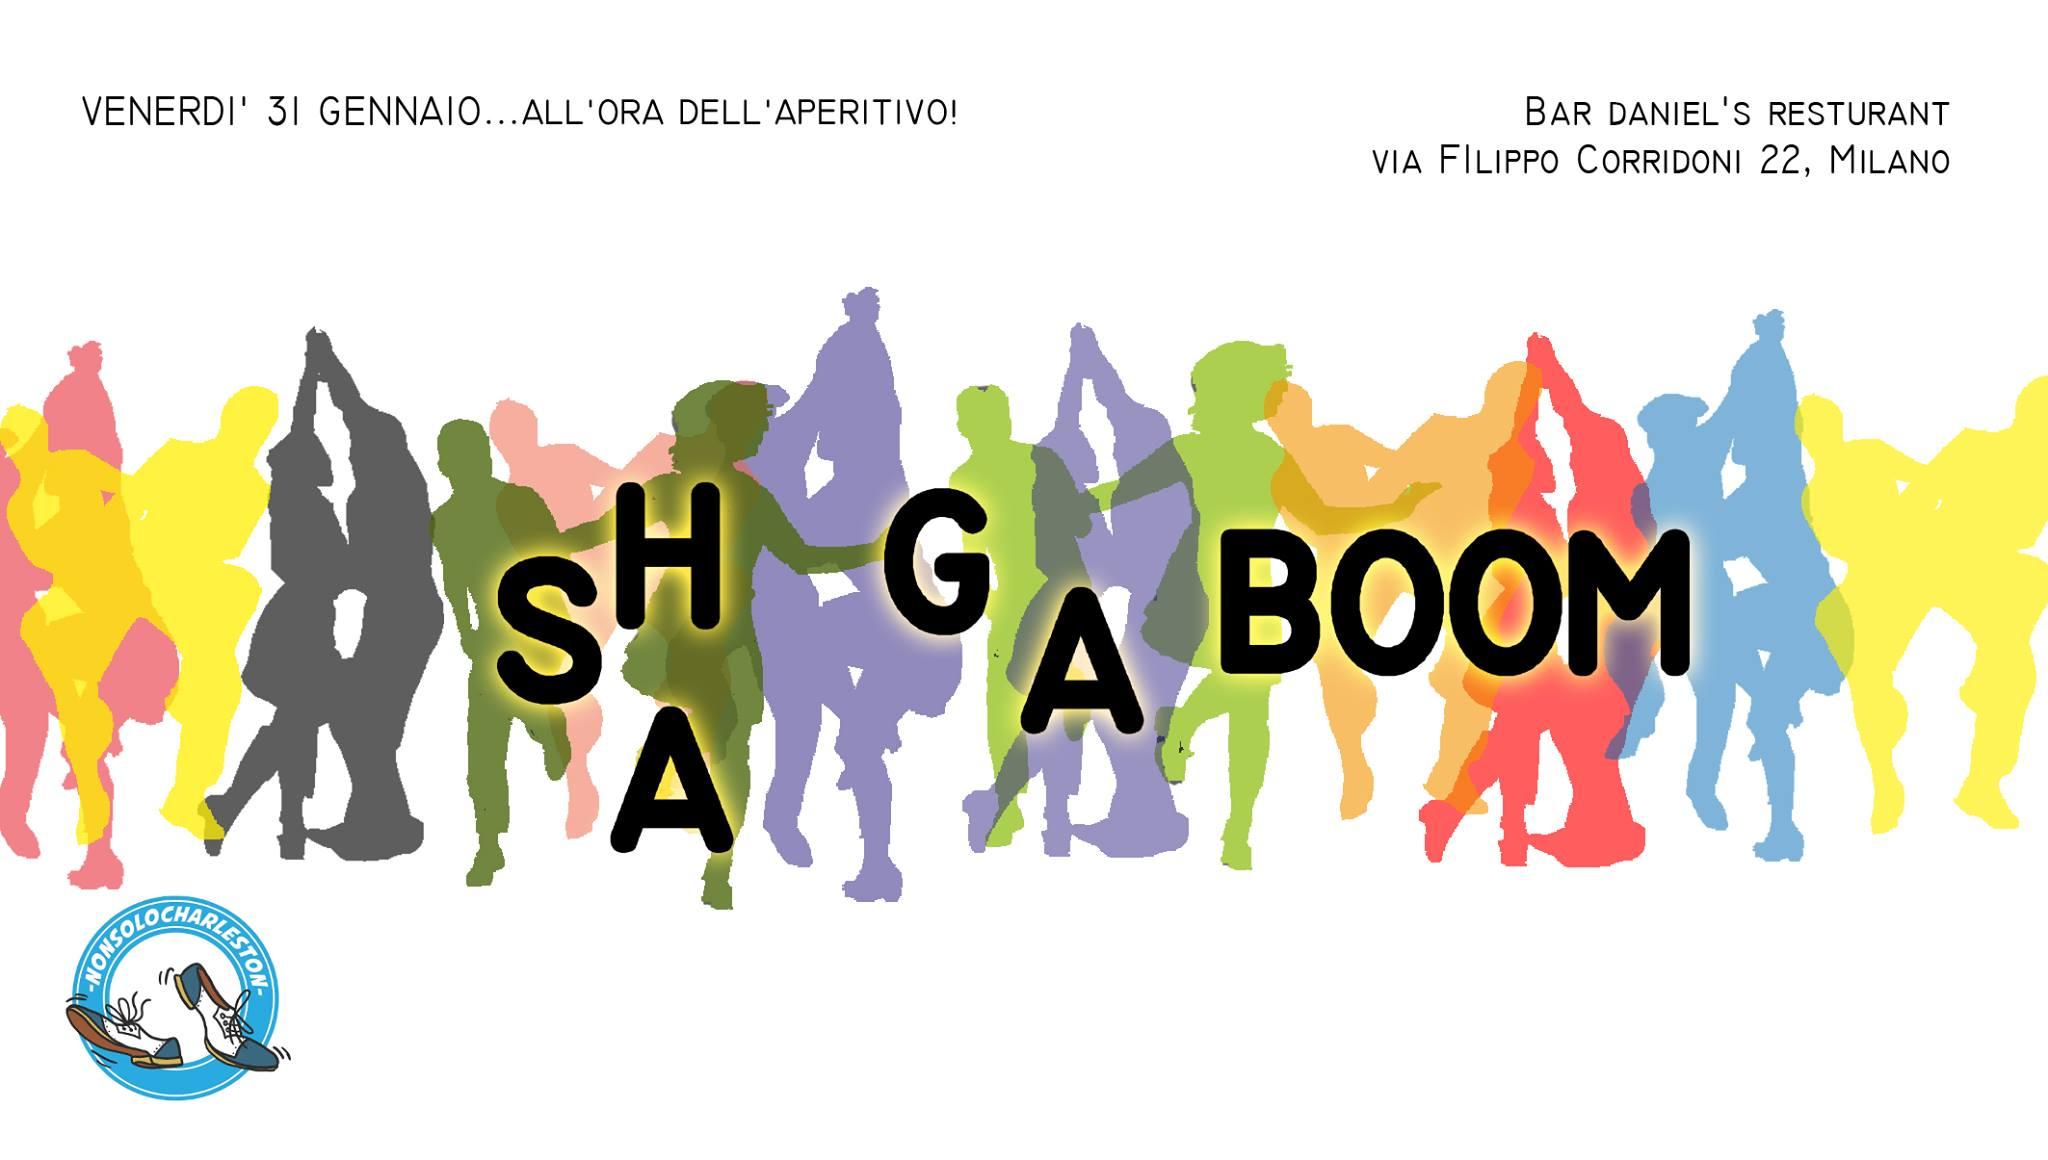 Shag – a – Boom